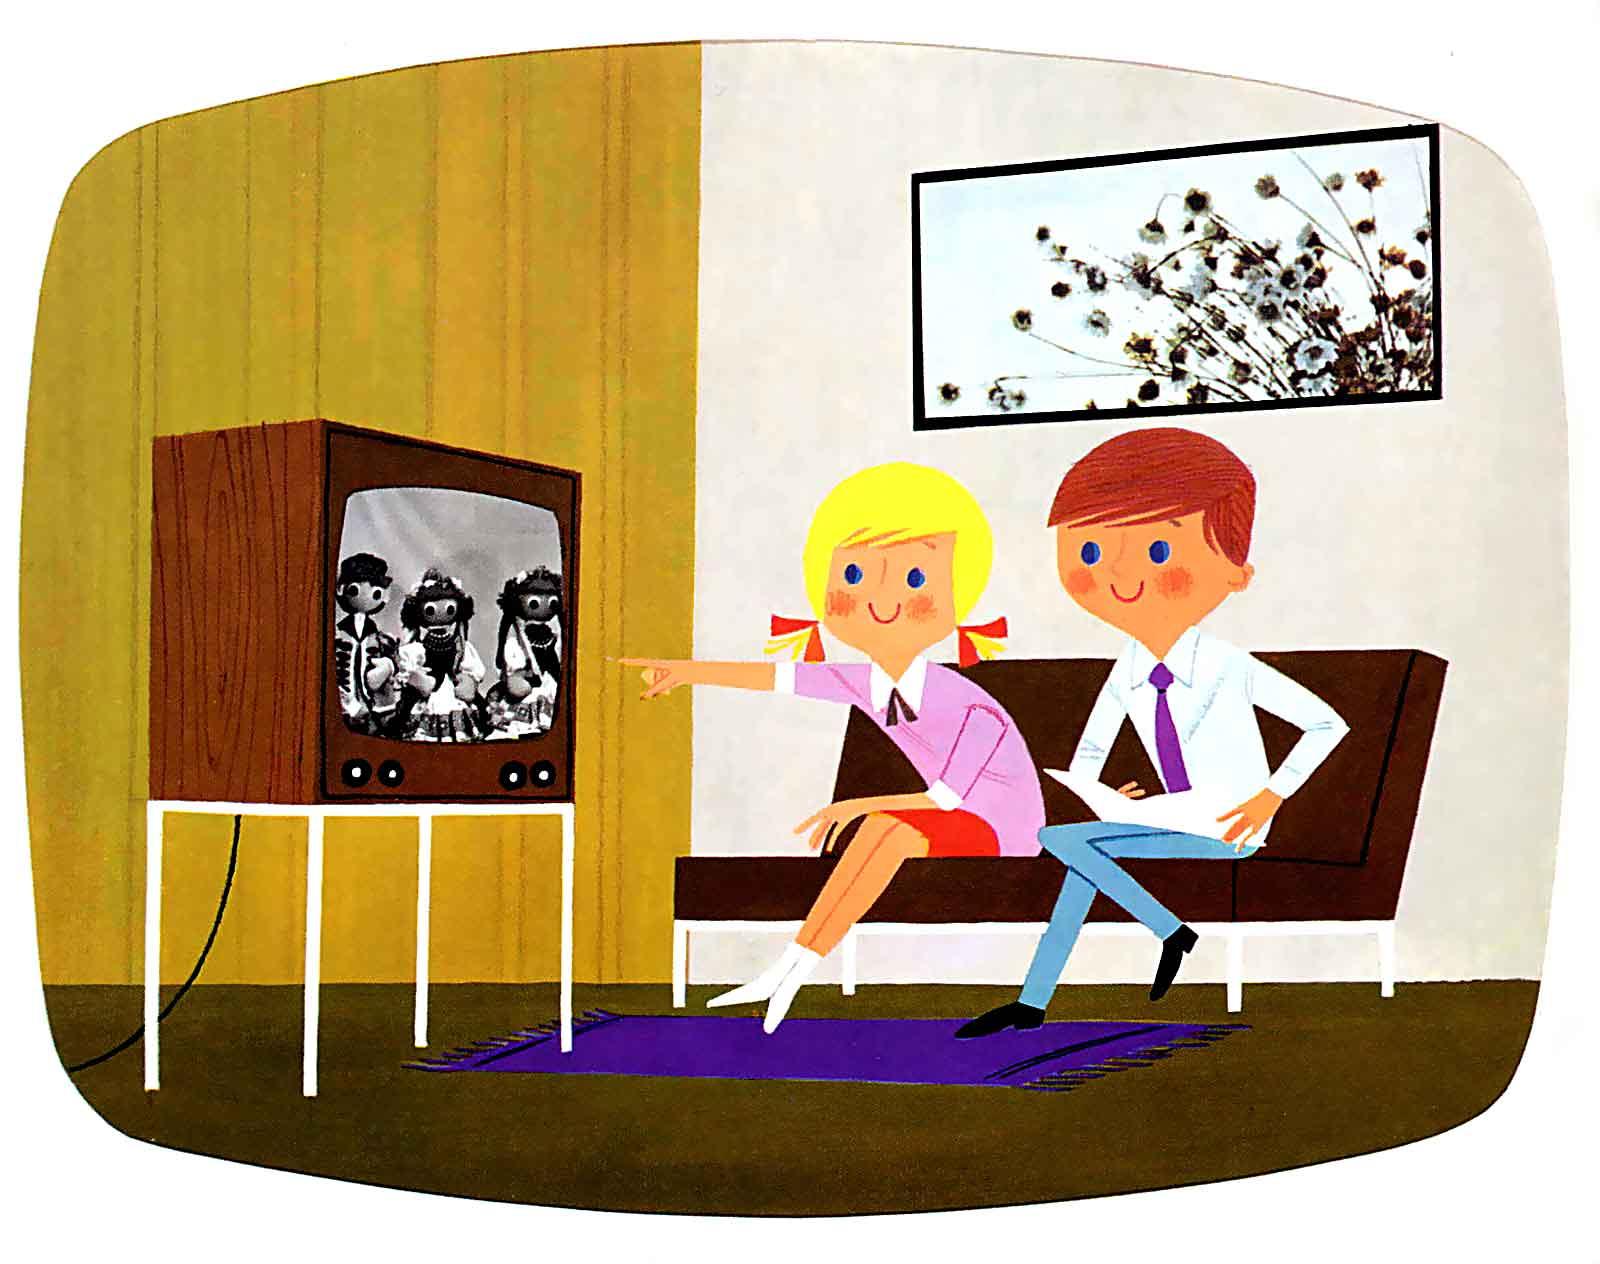 I fjernsynets barndom var apparatet nesten å regne som et familiemedlem. Illustrajon: James Vaughan / Flickr